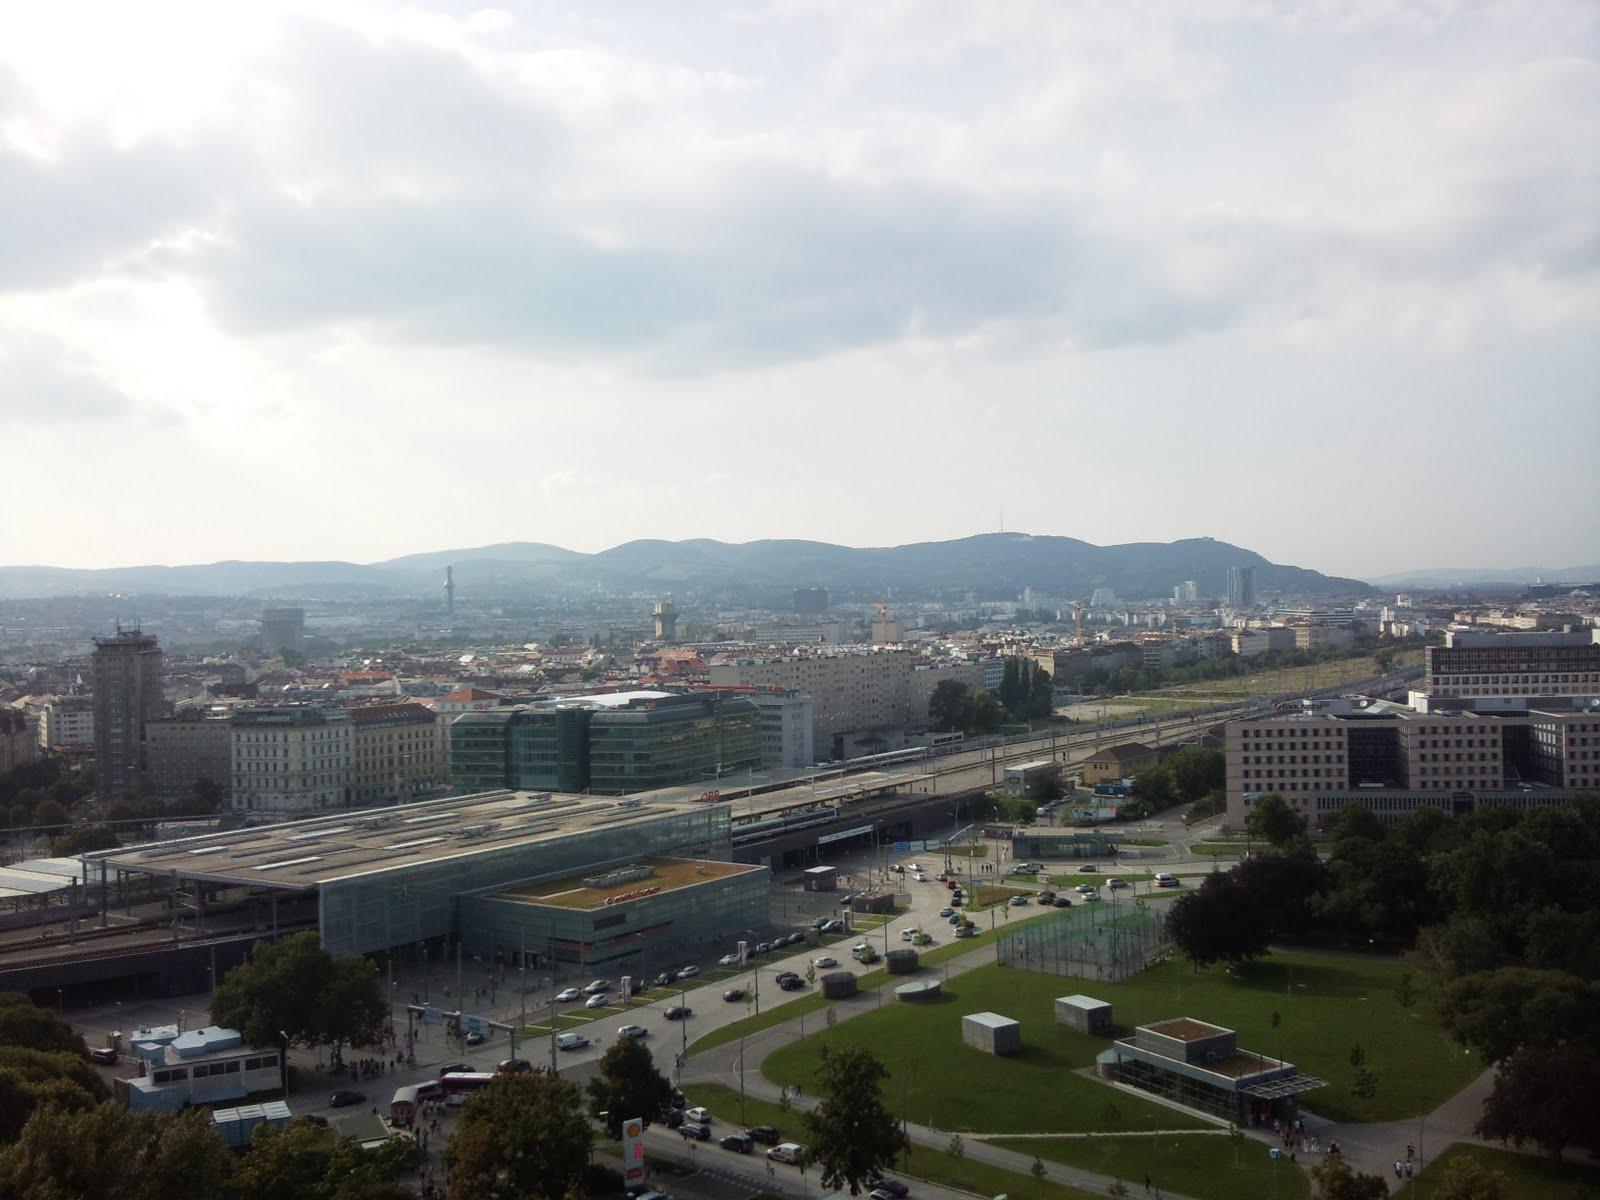 TRANS BALKAN EXPRESS Vienna 3 Belvedere Palace Hans Makart the